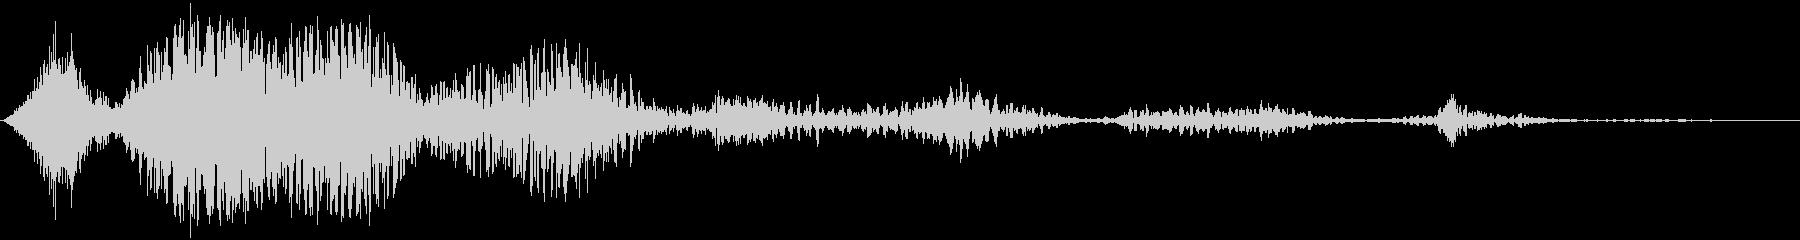 ヘビーリピーティングファイアウーシュの未再生の波形